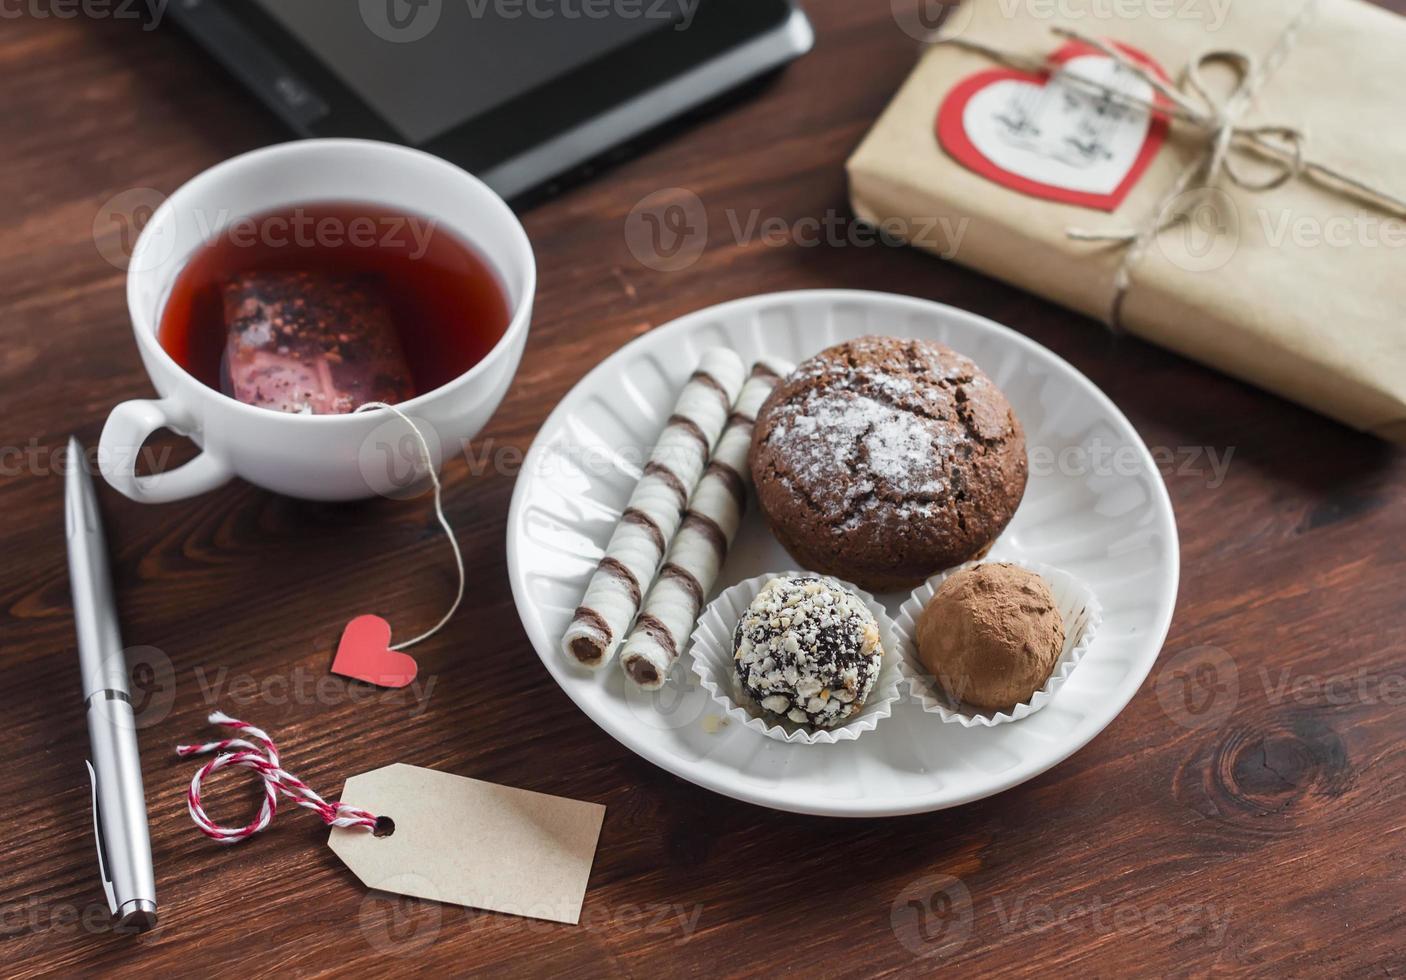 dolci - torte, biscotti e caramelle, regalo di San Valentino fatto in casa foto